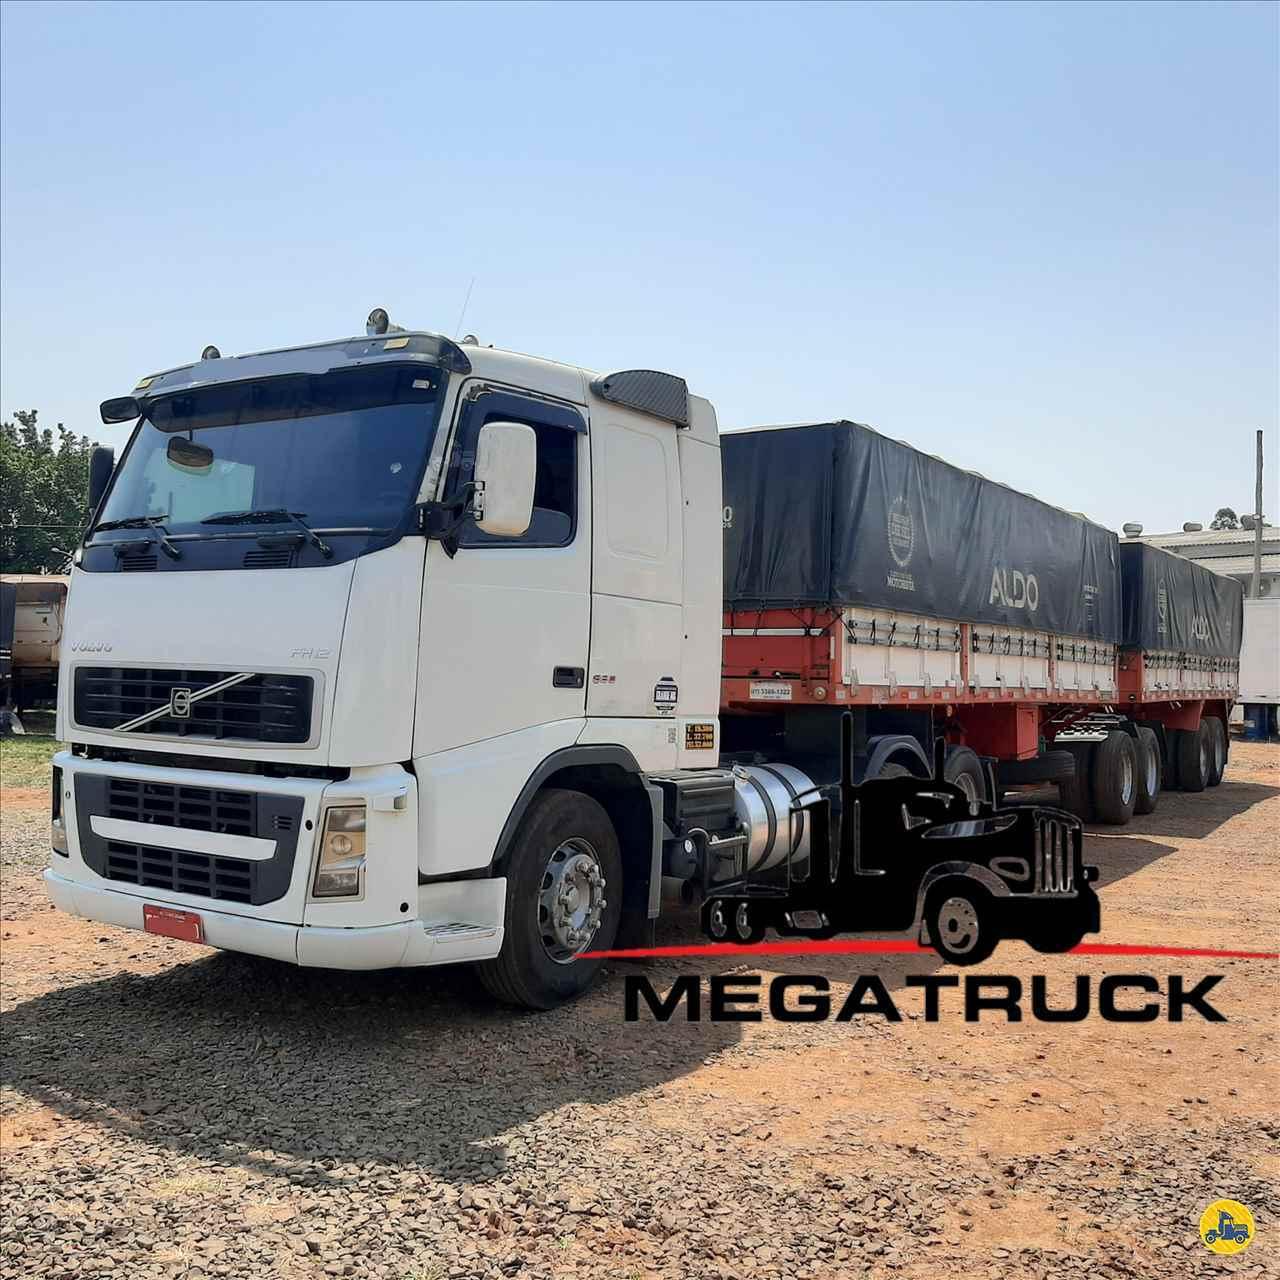 CAMINHAO VOLVO VOLVO FH12 380 Cavalo Mecânico Truck 6x2 Megatruck Caminhões e Máquinas CAMPO GRANDE MATO GROSSO DO SUL MS